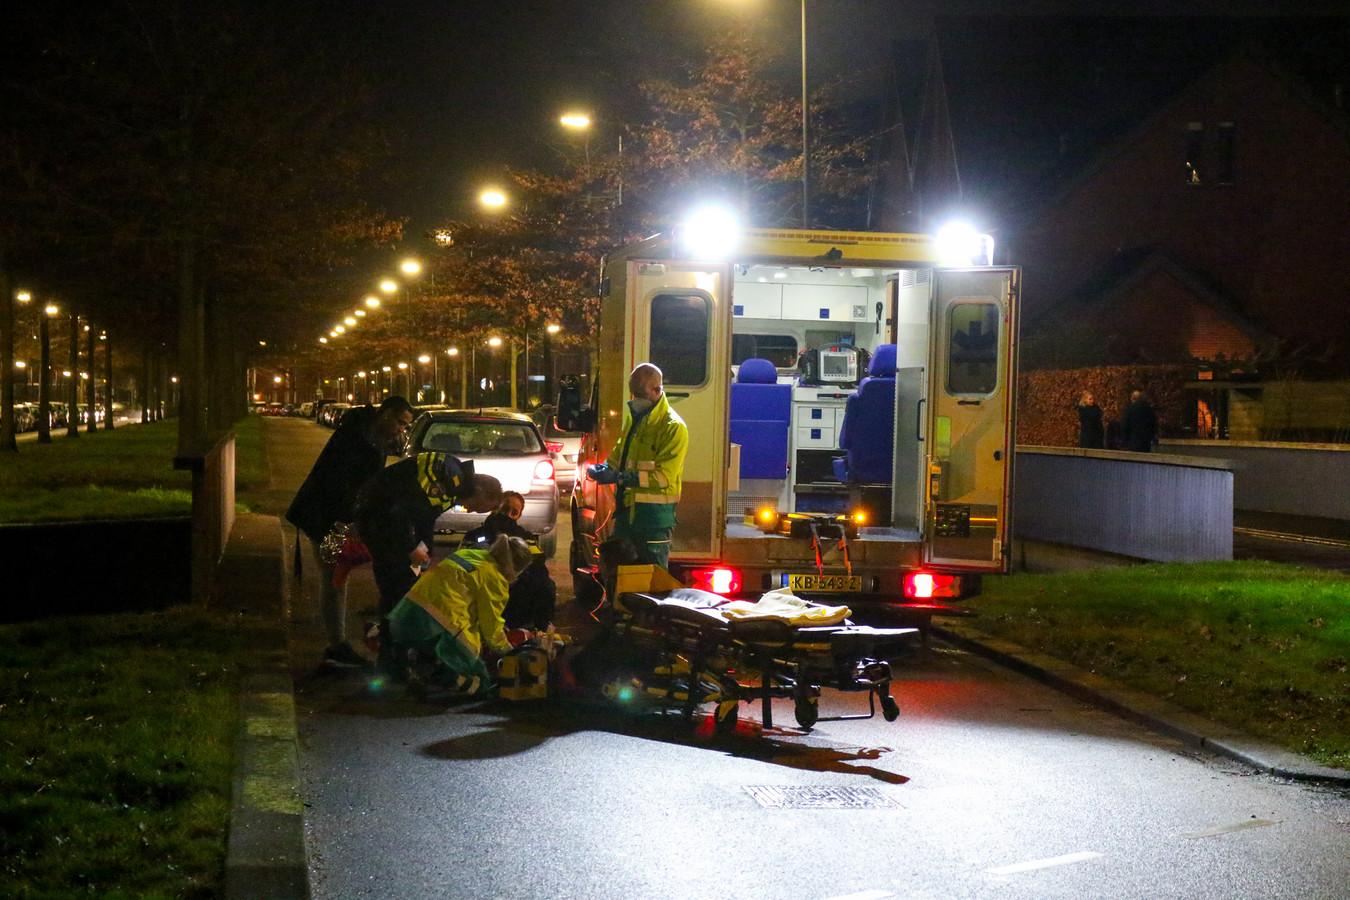 De hulpdiensten ontfermen zich over het slachtoffer.